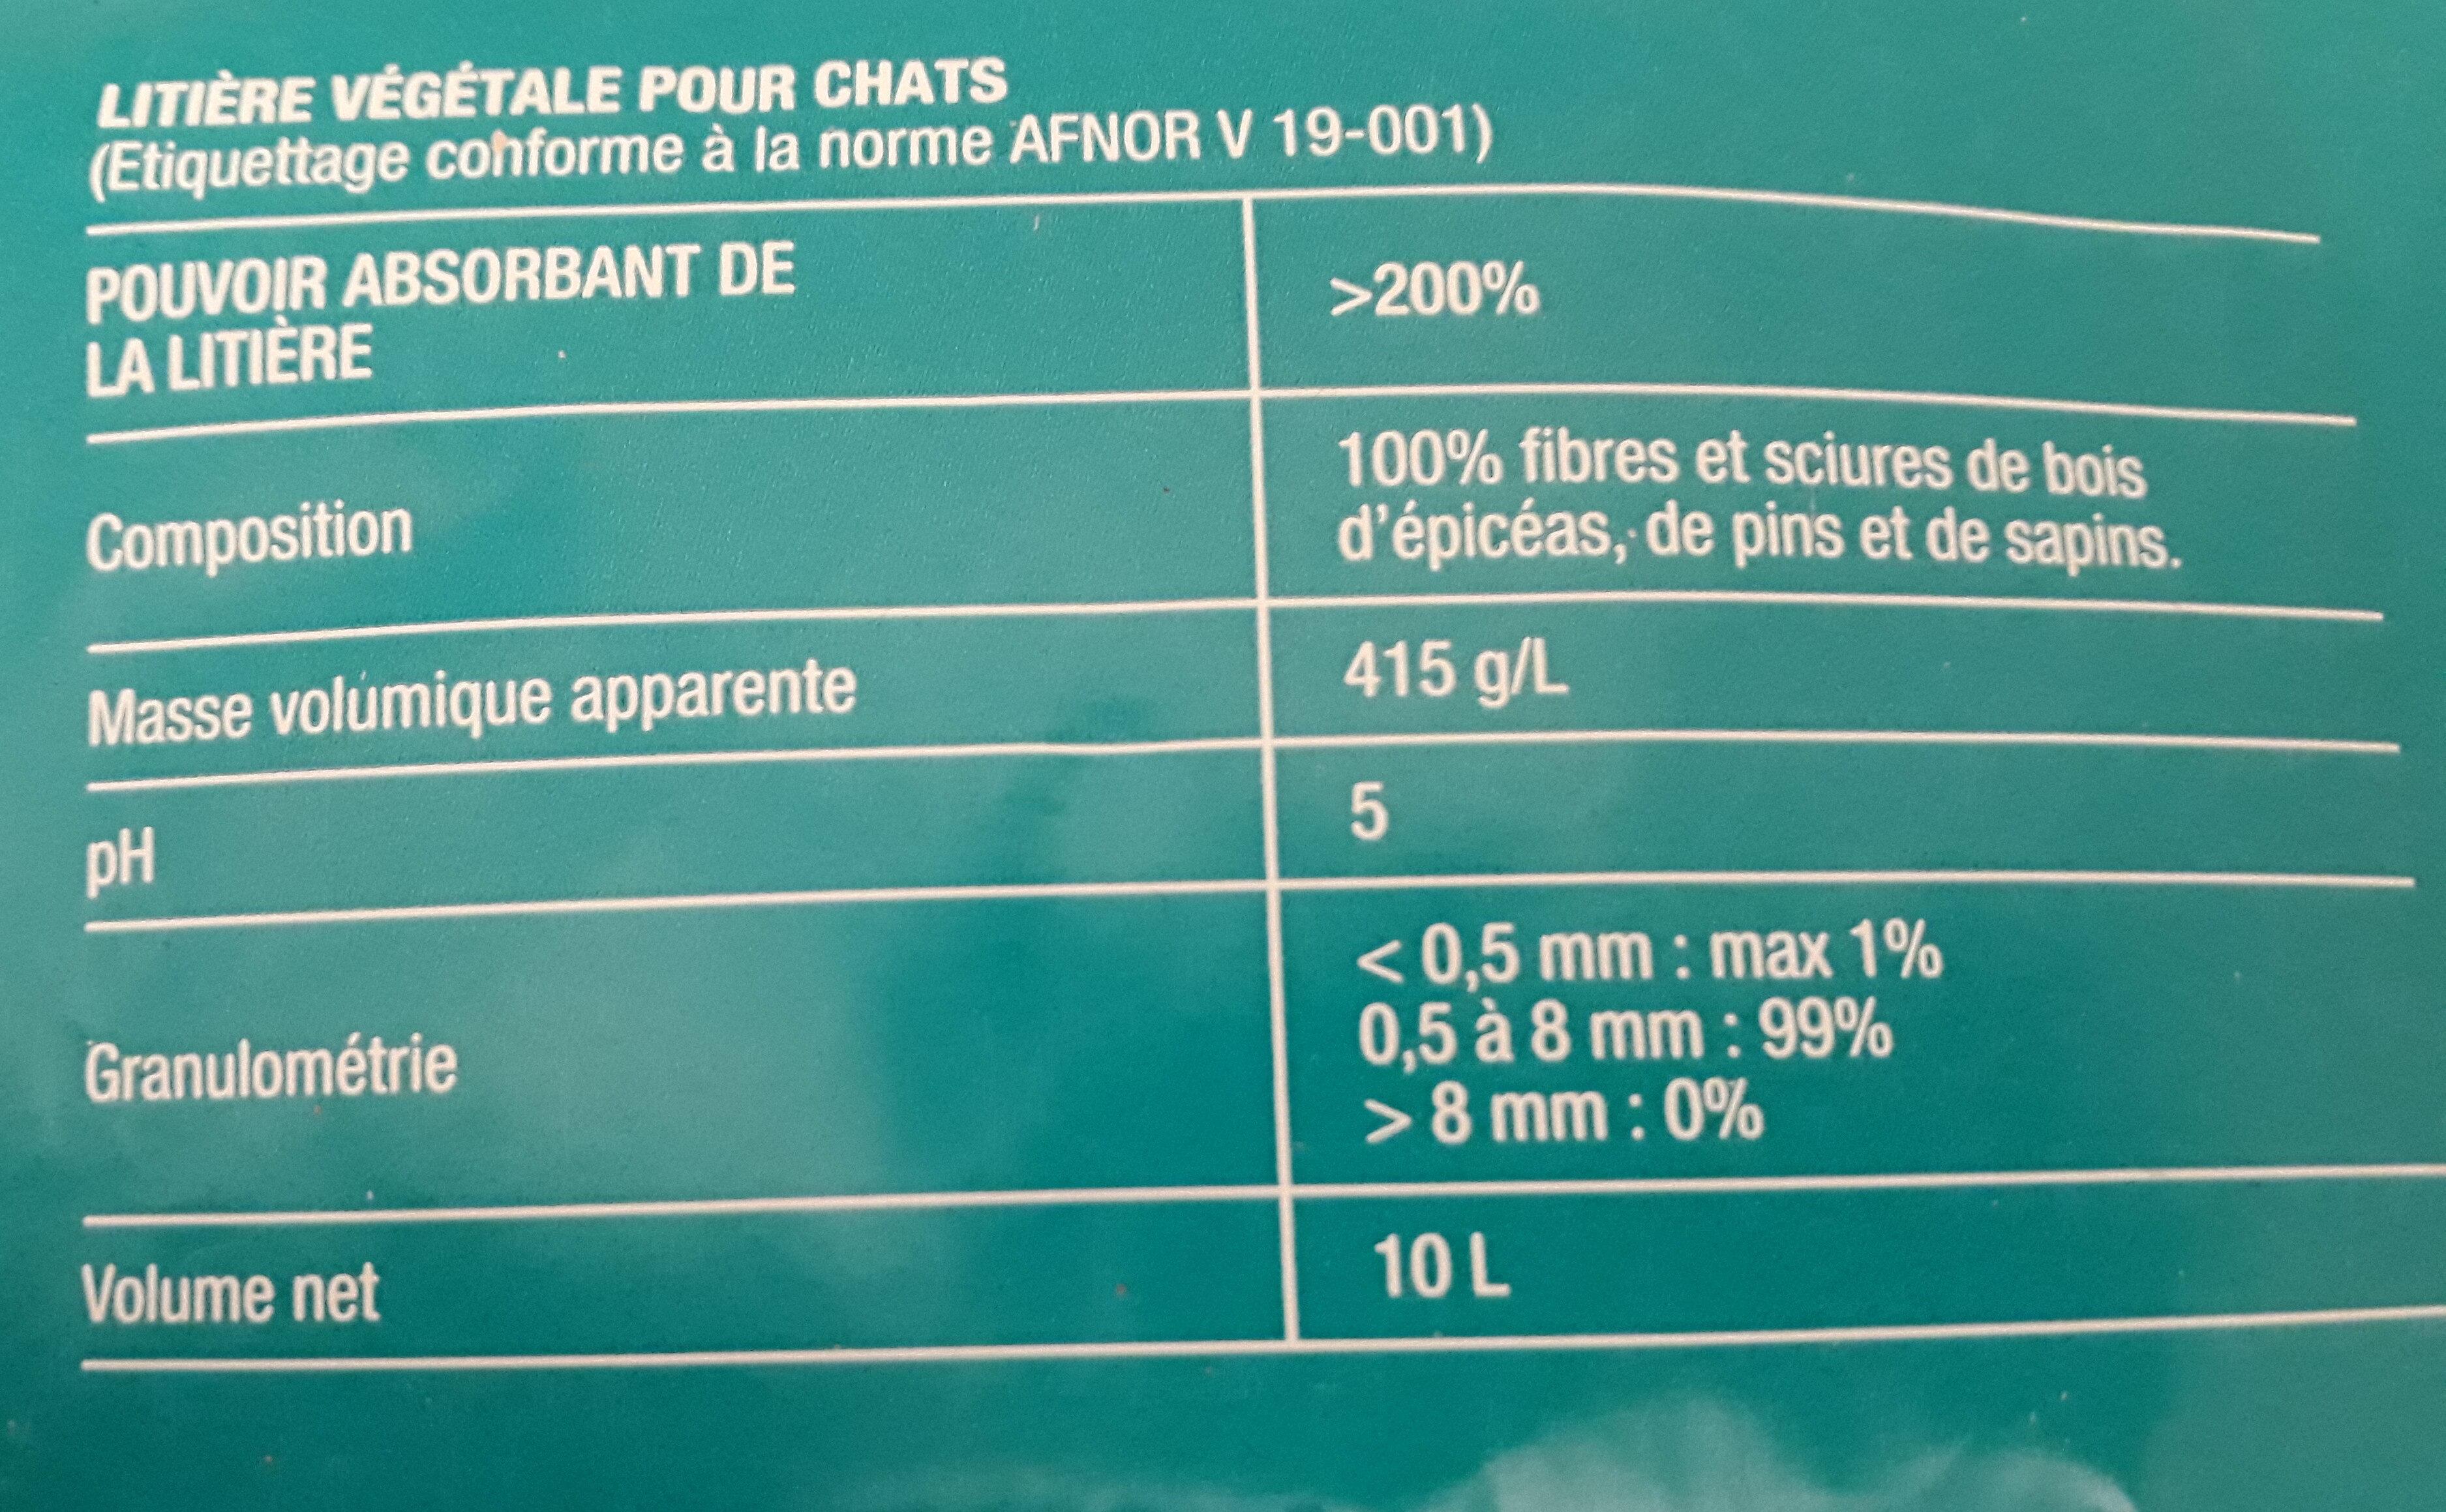 Litière végétale - Ingredients - fr